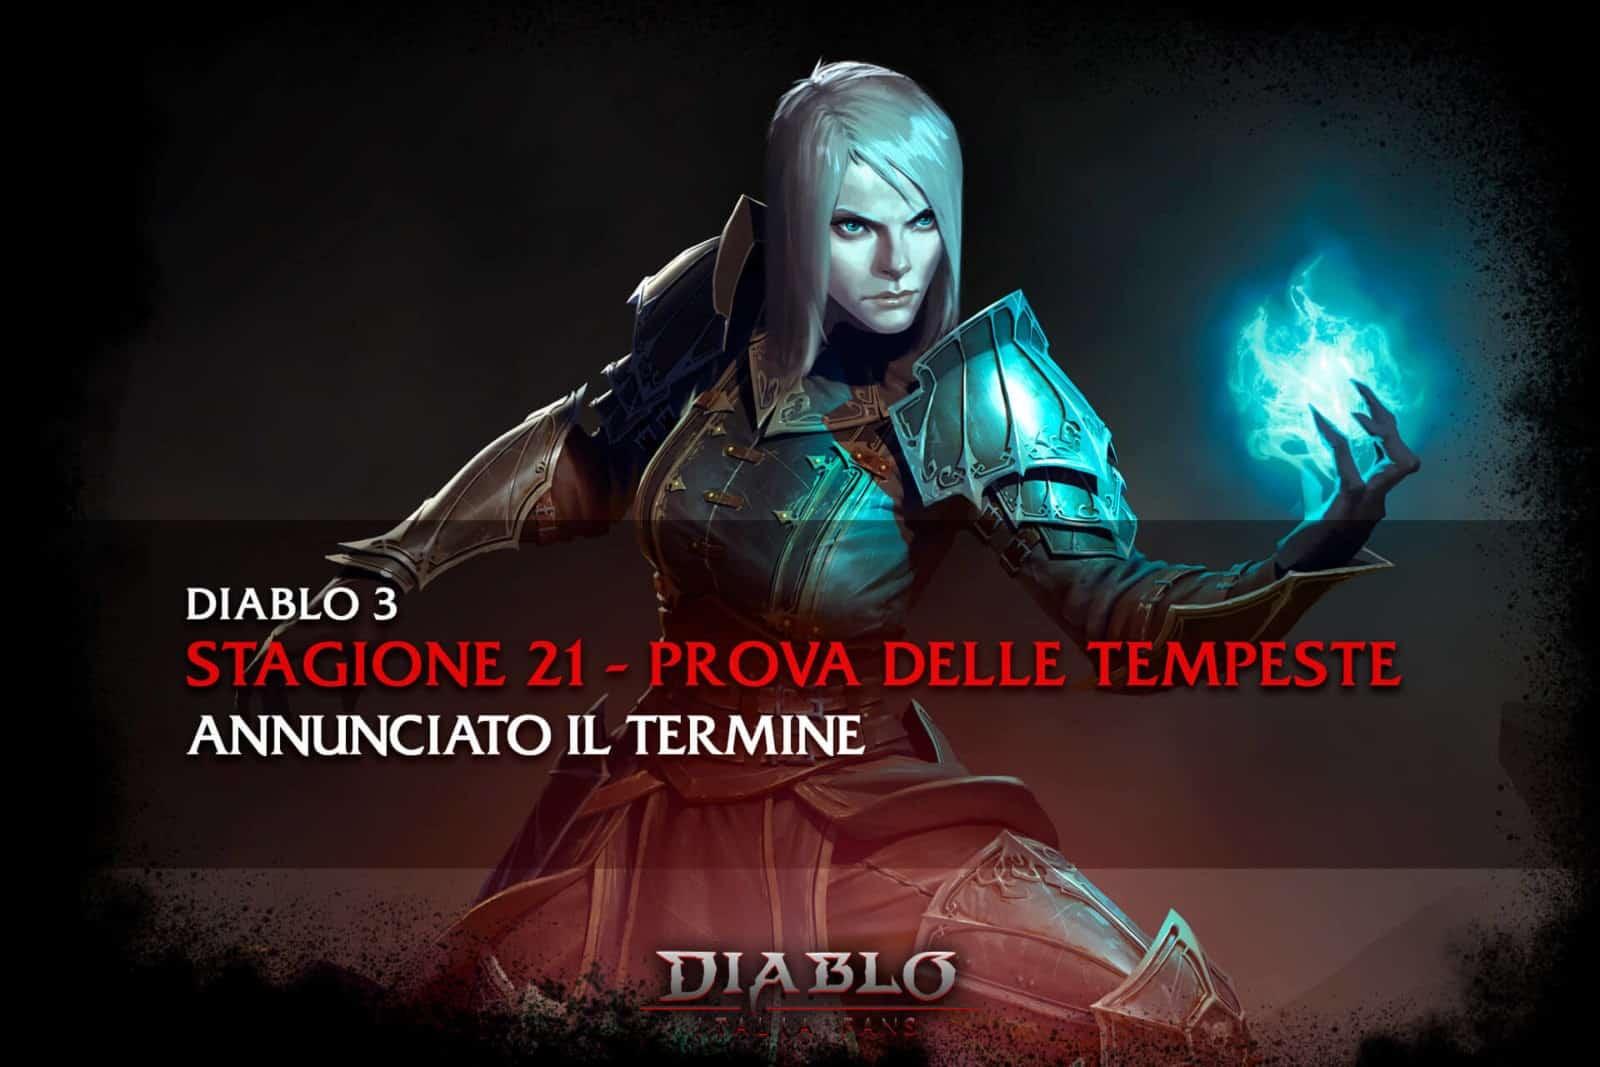 Diablo Italia Fans - Diablo 3 Stagione 21 conclusione